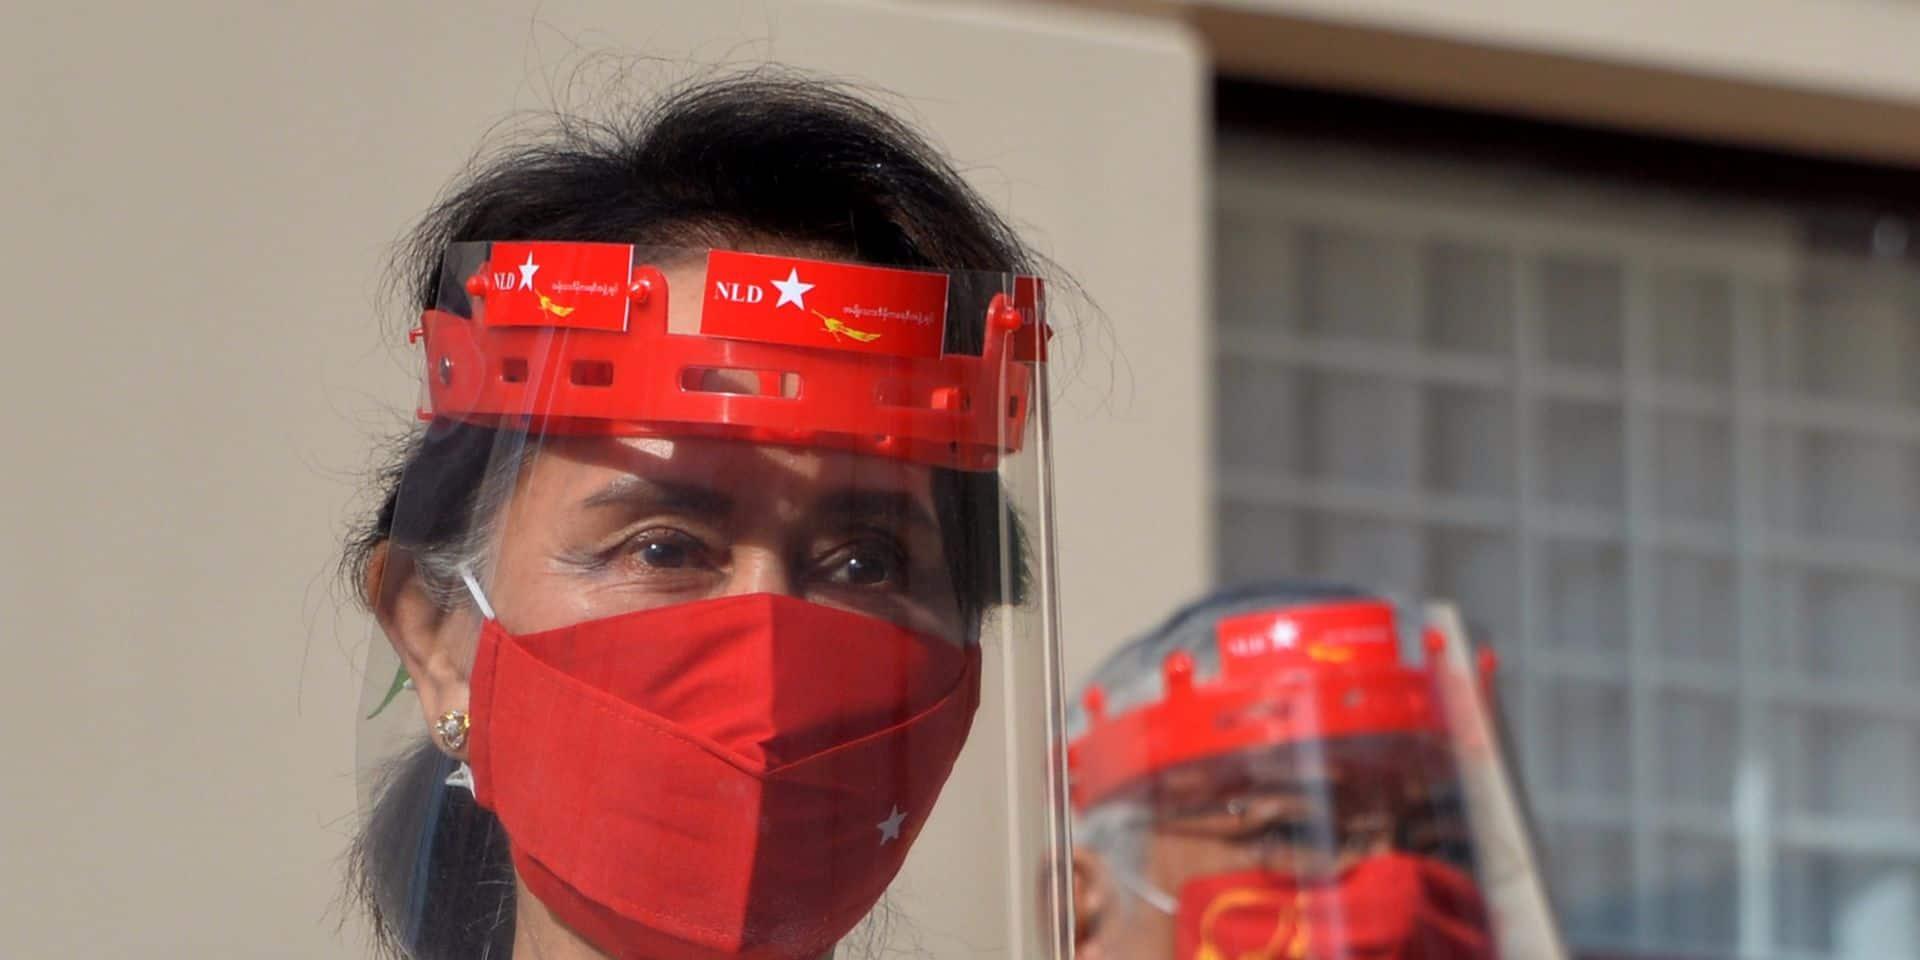 L'opposante birmane Aung San Suu Kyi exclue de la communauté des lauréats du prix européen Sakharov